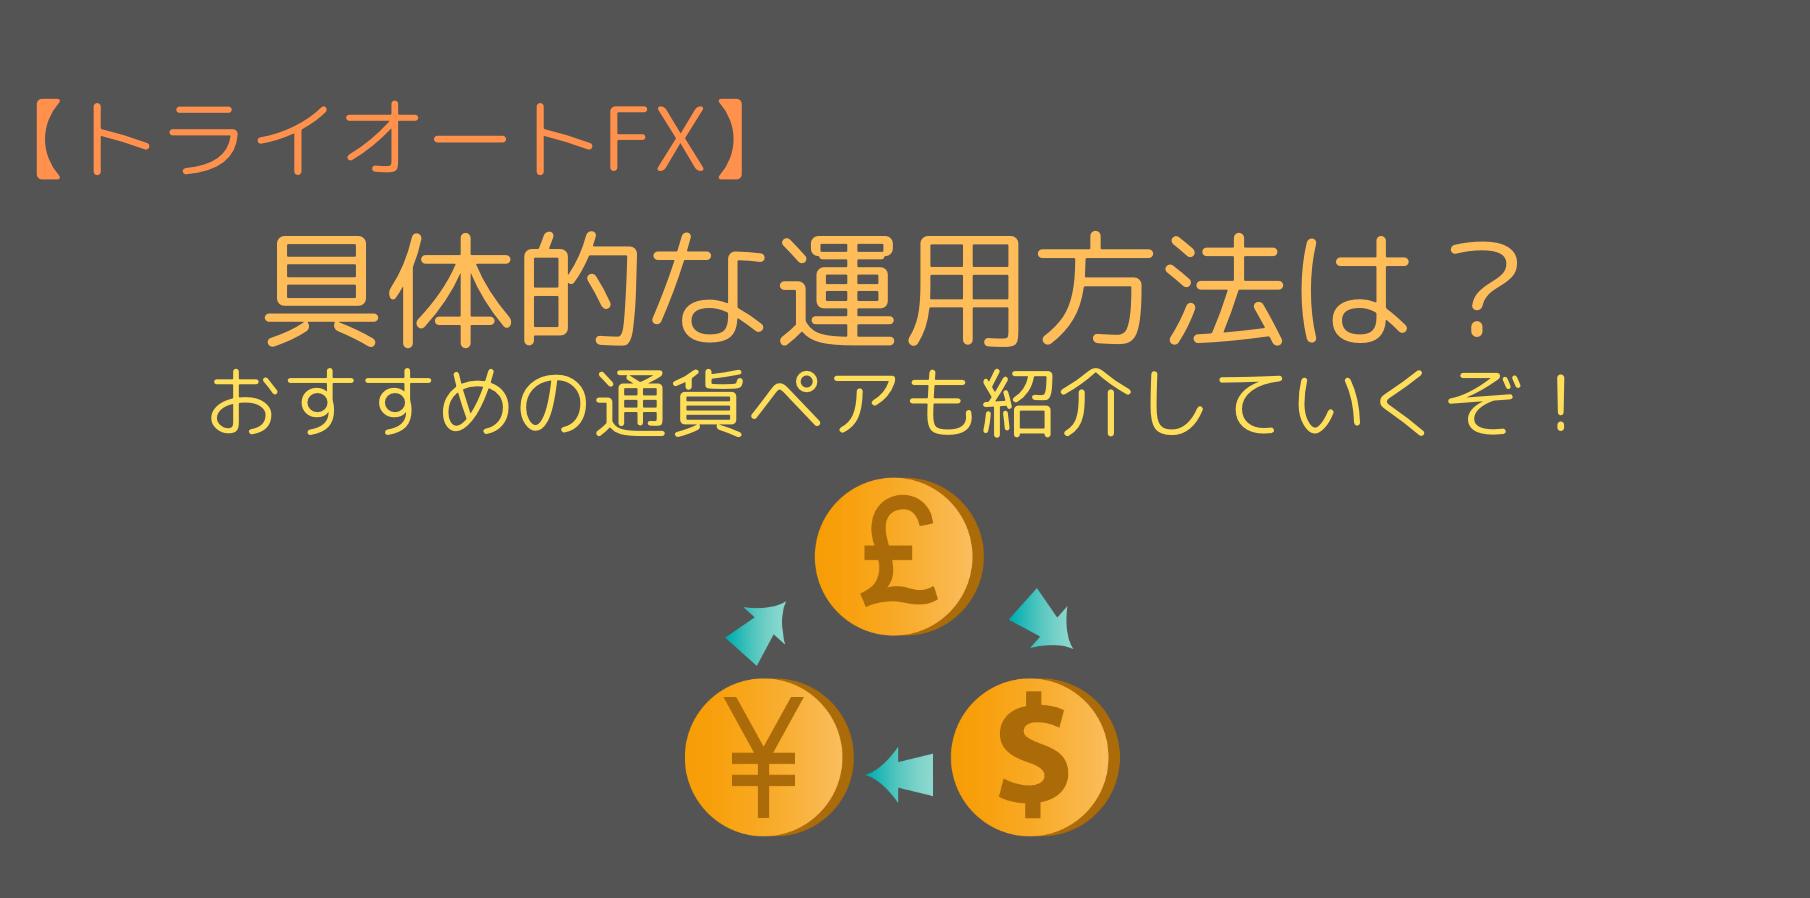 トライオートFXの具体的な運用方法